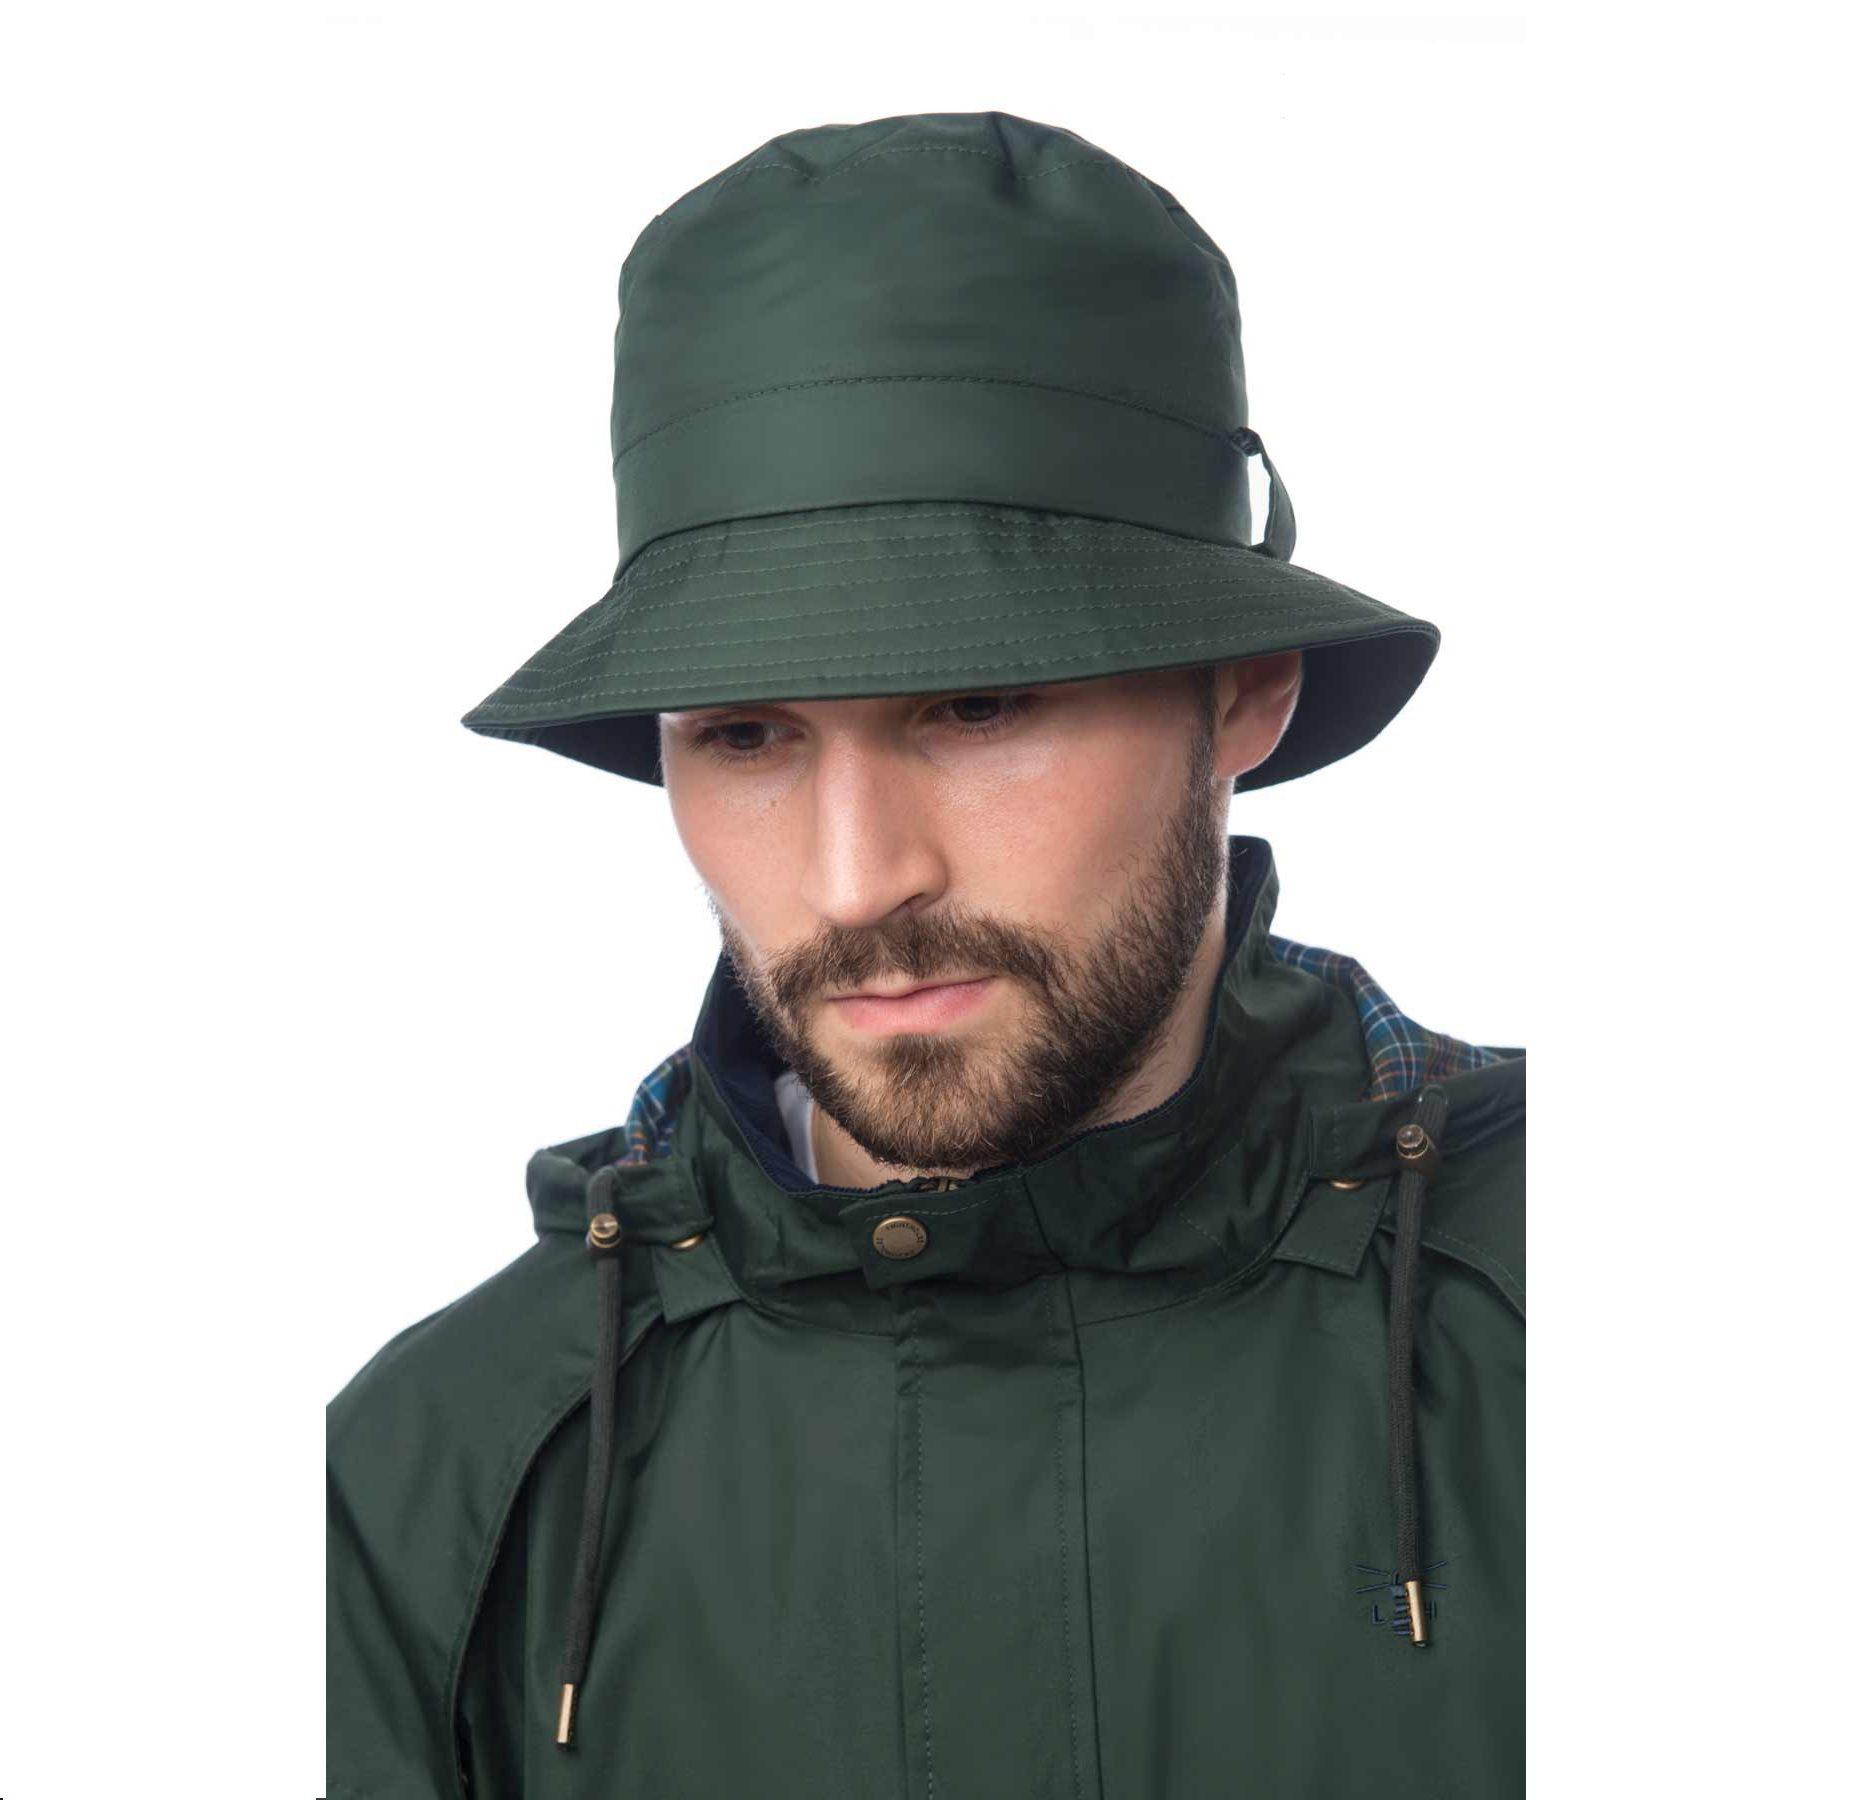 Target dry York hat duffel green